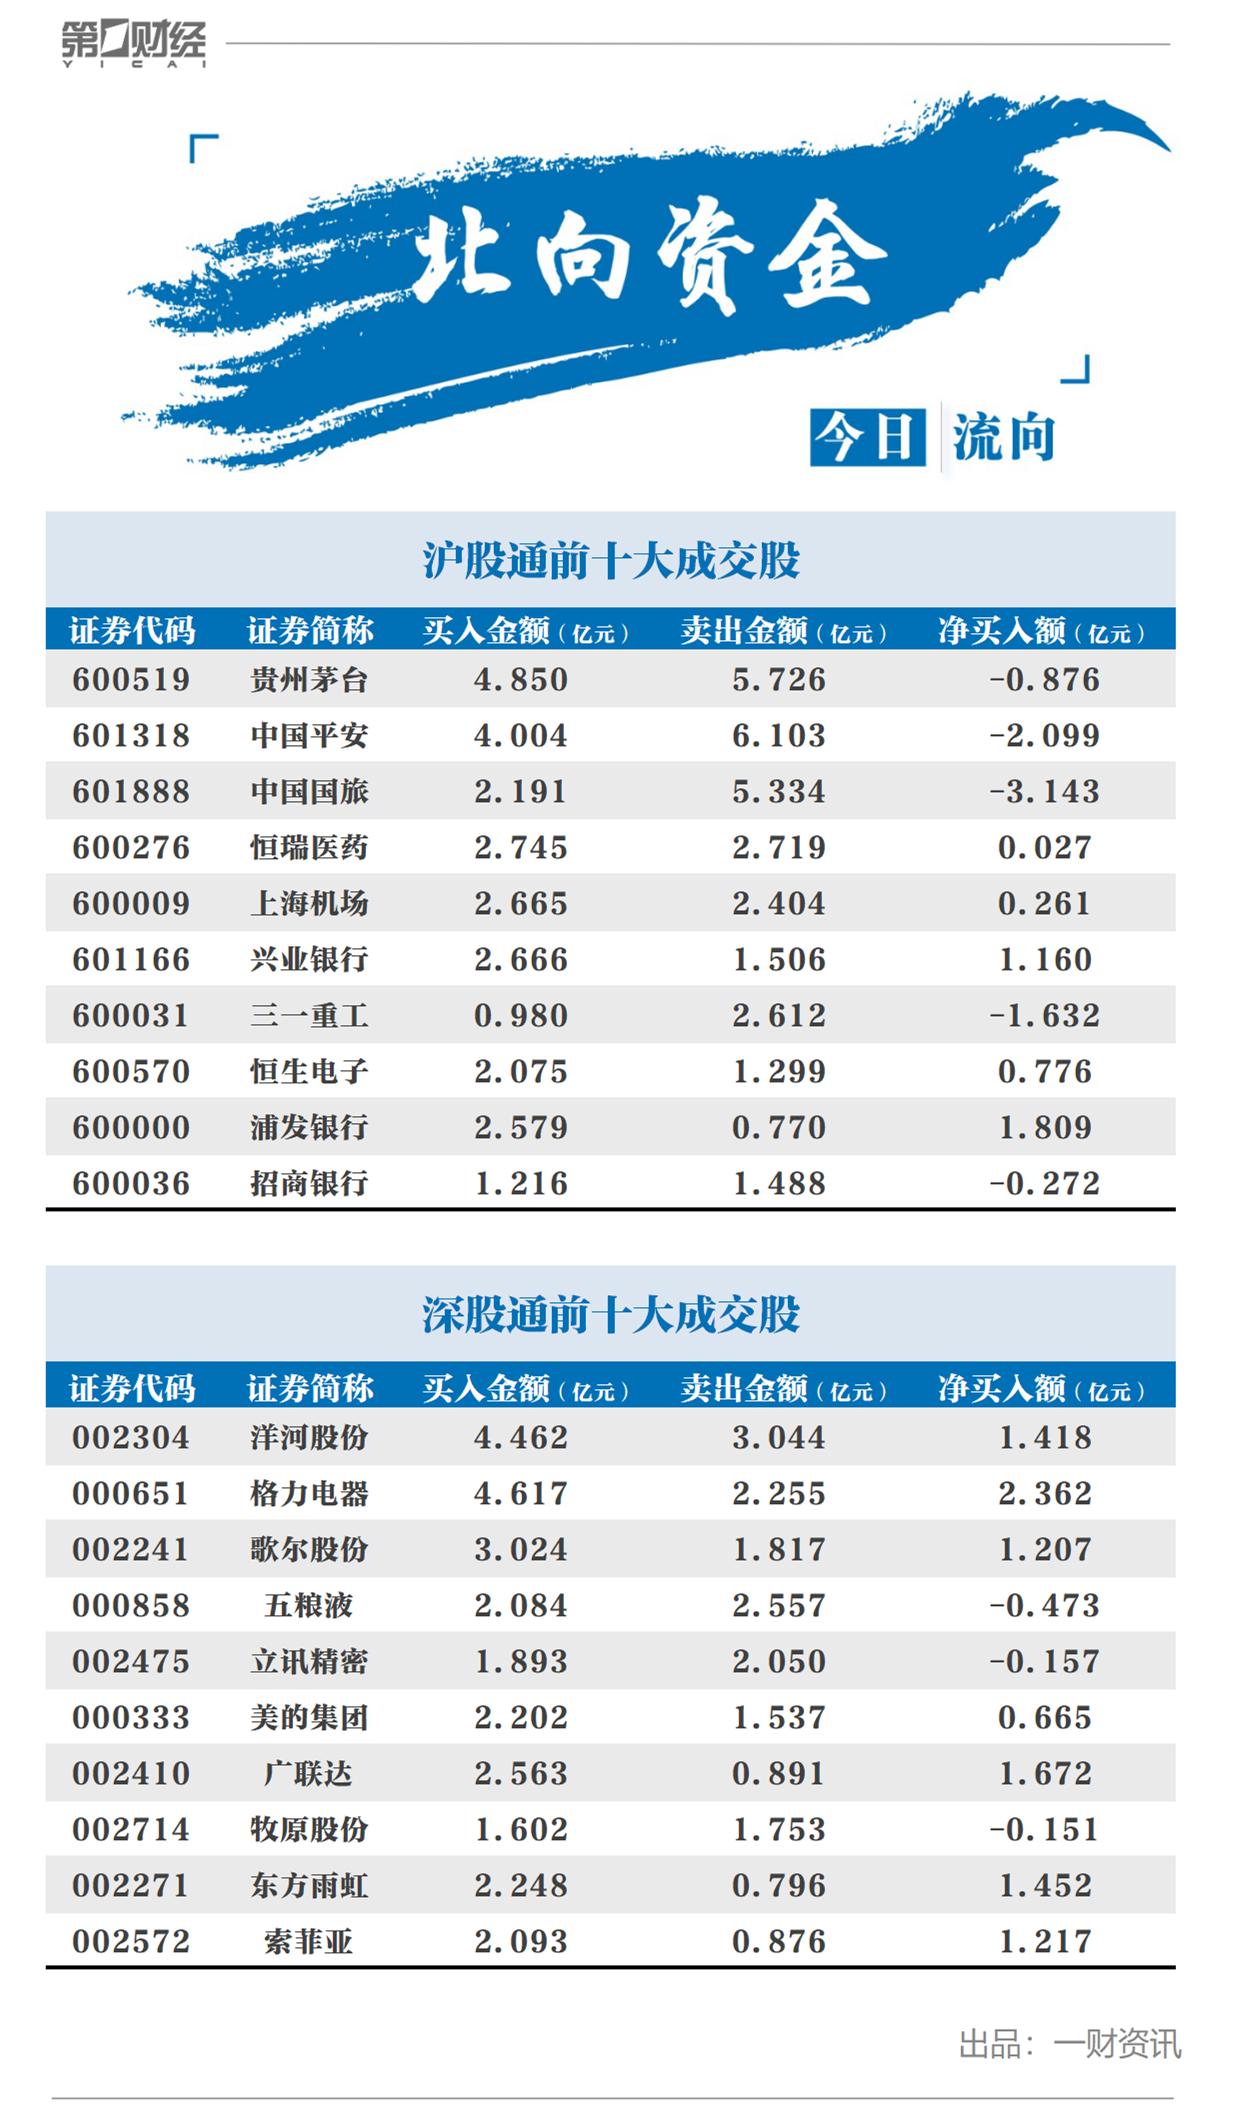 北向资金今日抛售中国国旅3.14亿元,机构建议短线暂时观望